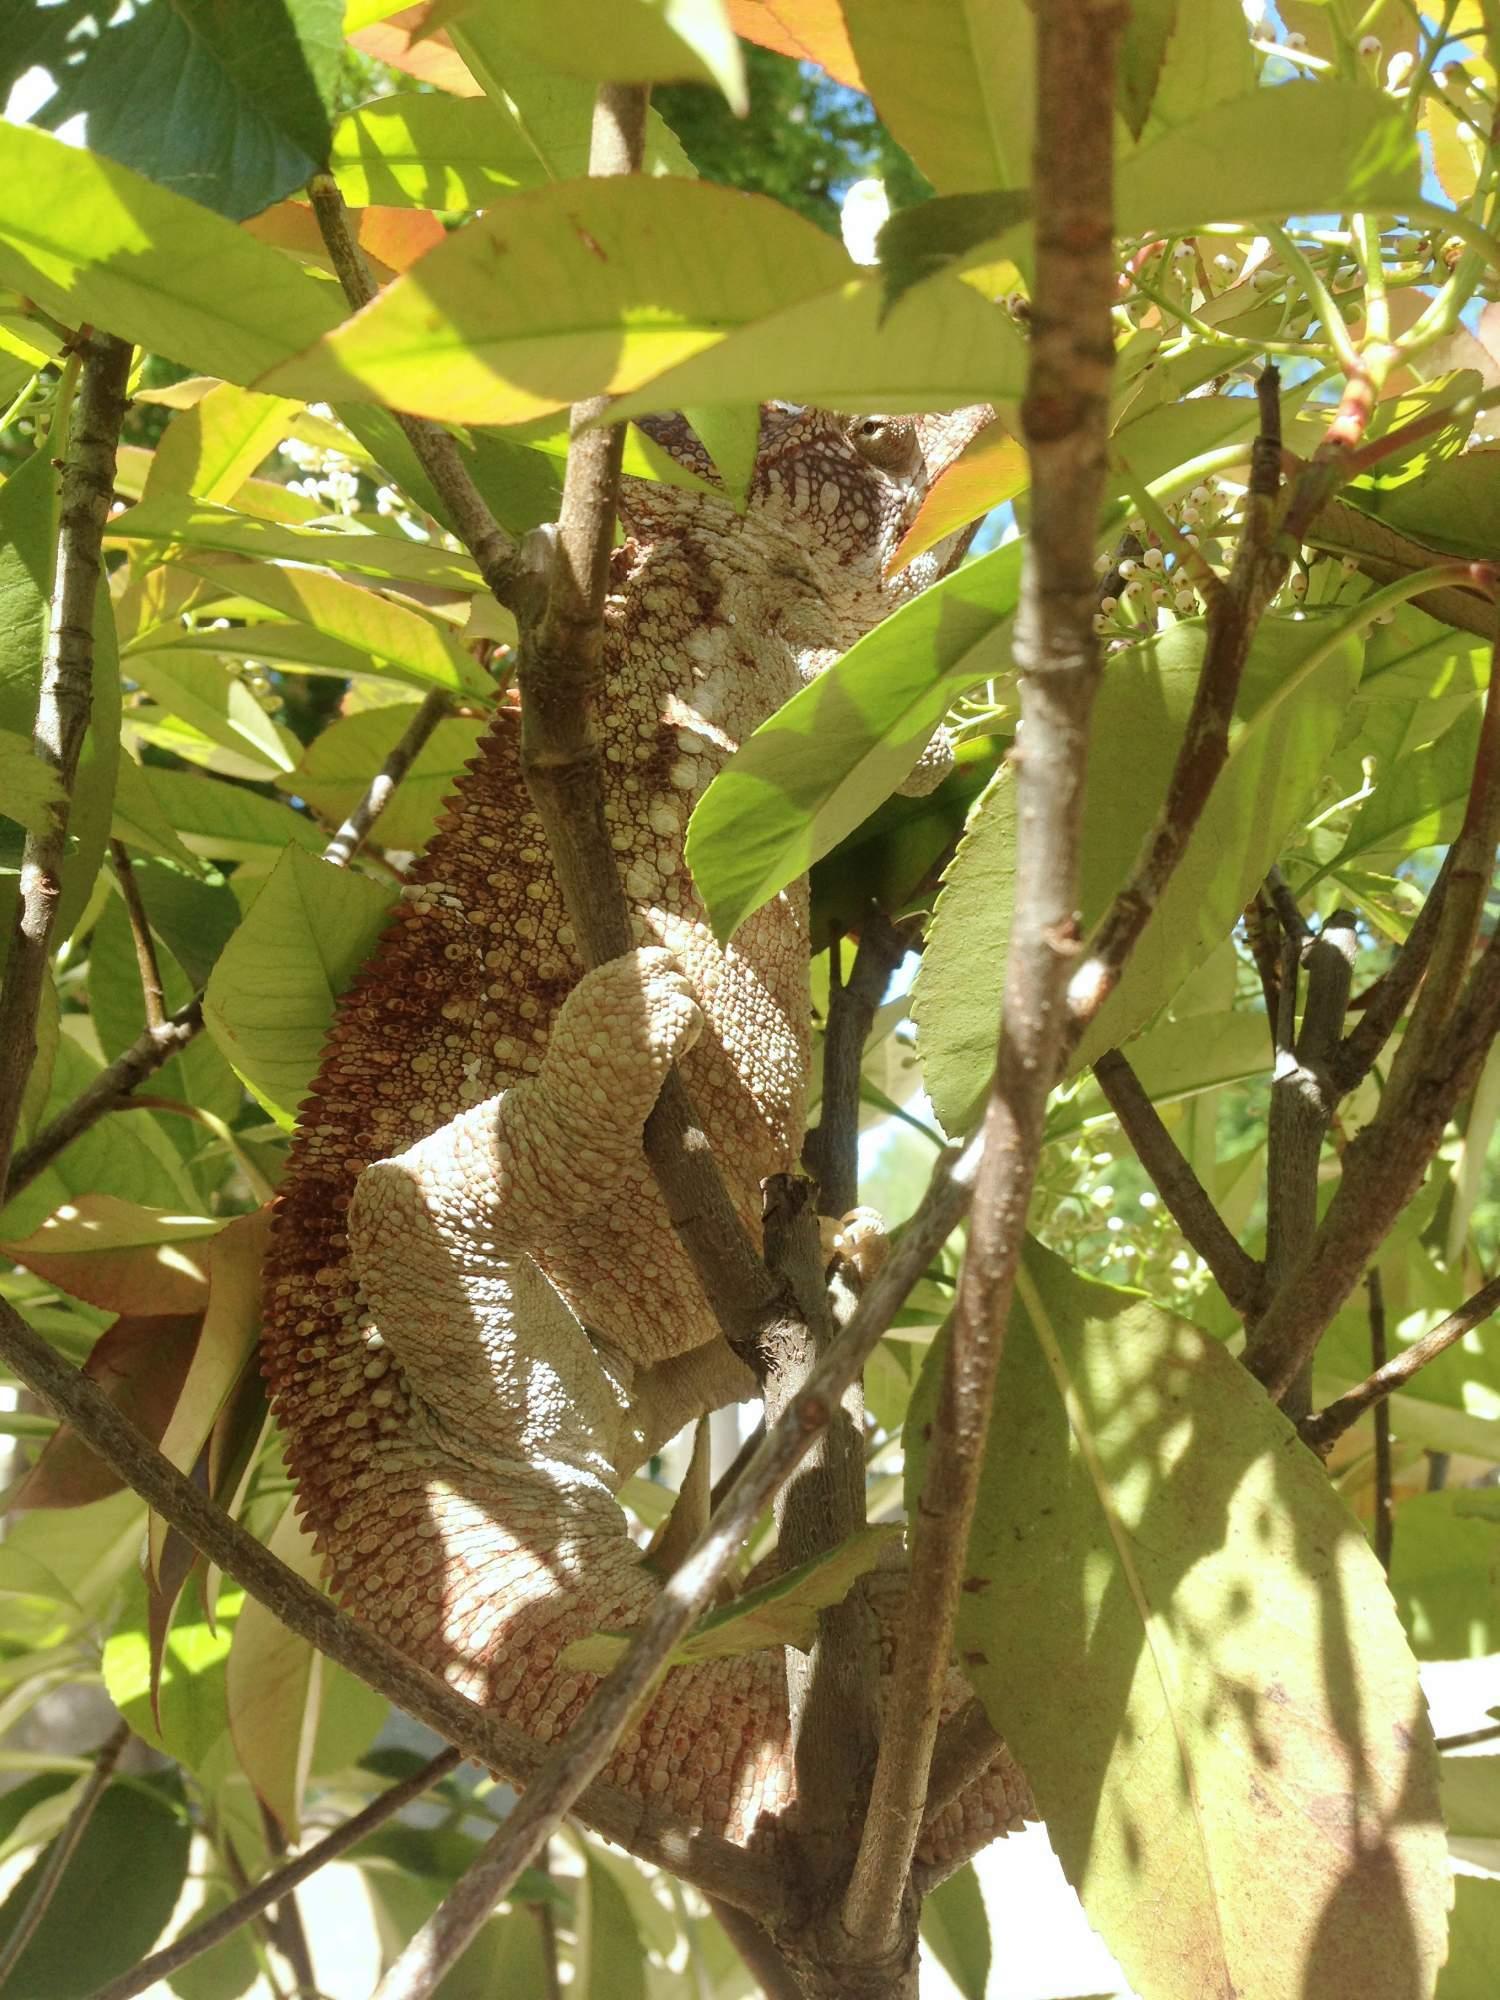 Chameleon obrovský se před návštěvníky schovával mezi listy stromu. Foto: Eliška Pospíšilová